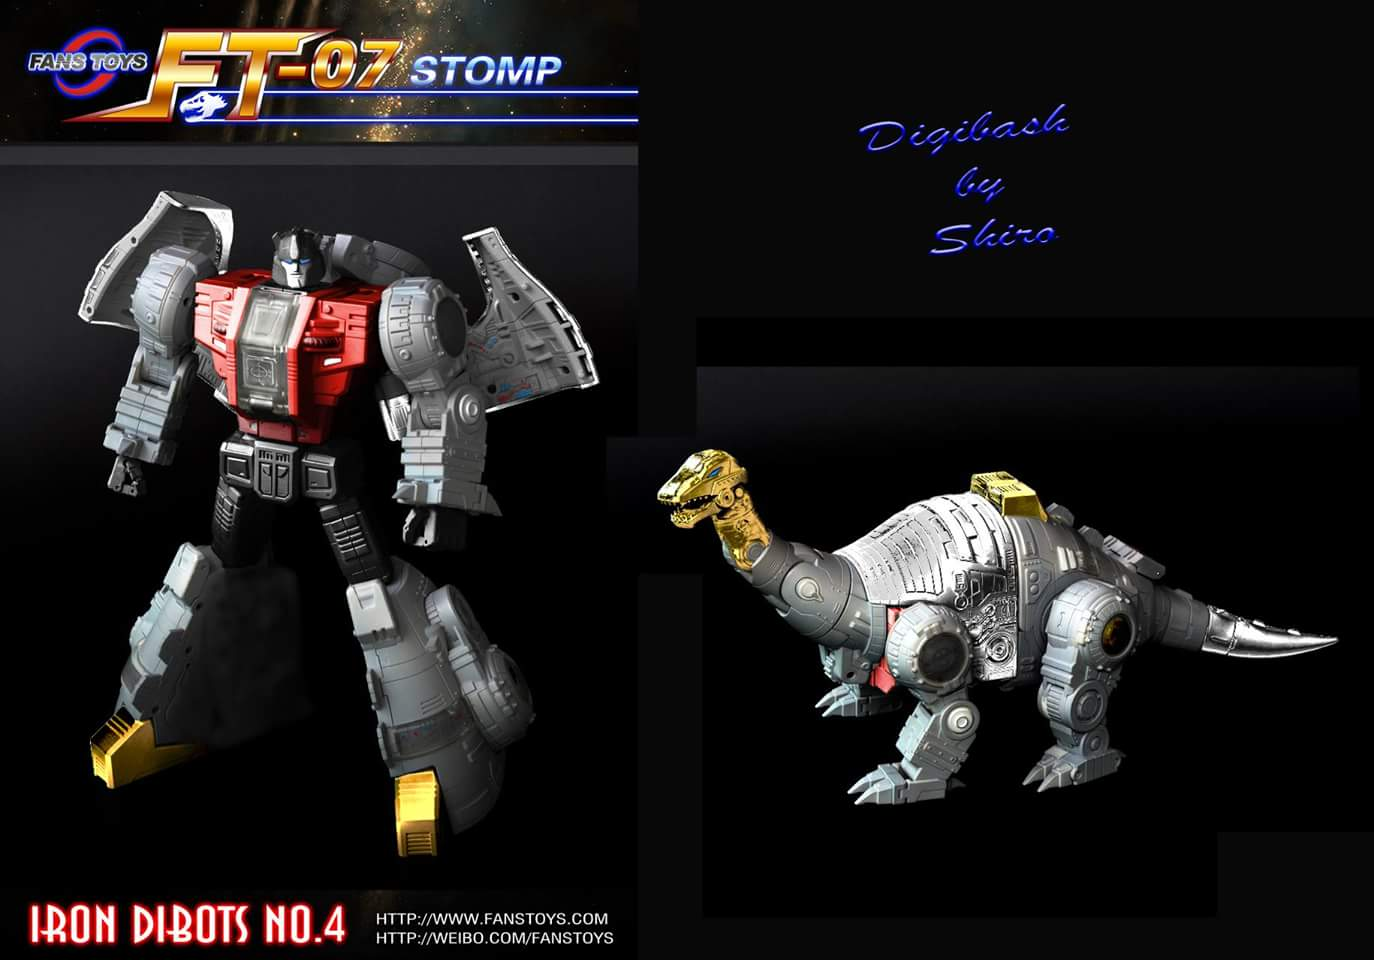 [Fanstoys] Produit Tiers - Dinobots - FT-04 Scoria, FT-05 Soar, FT-06 Sever, FT-07 Stomp, FT-08 Grinder - Page 5 H09pWwvg